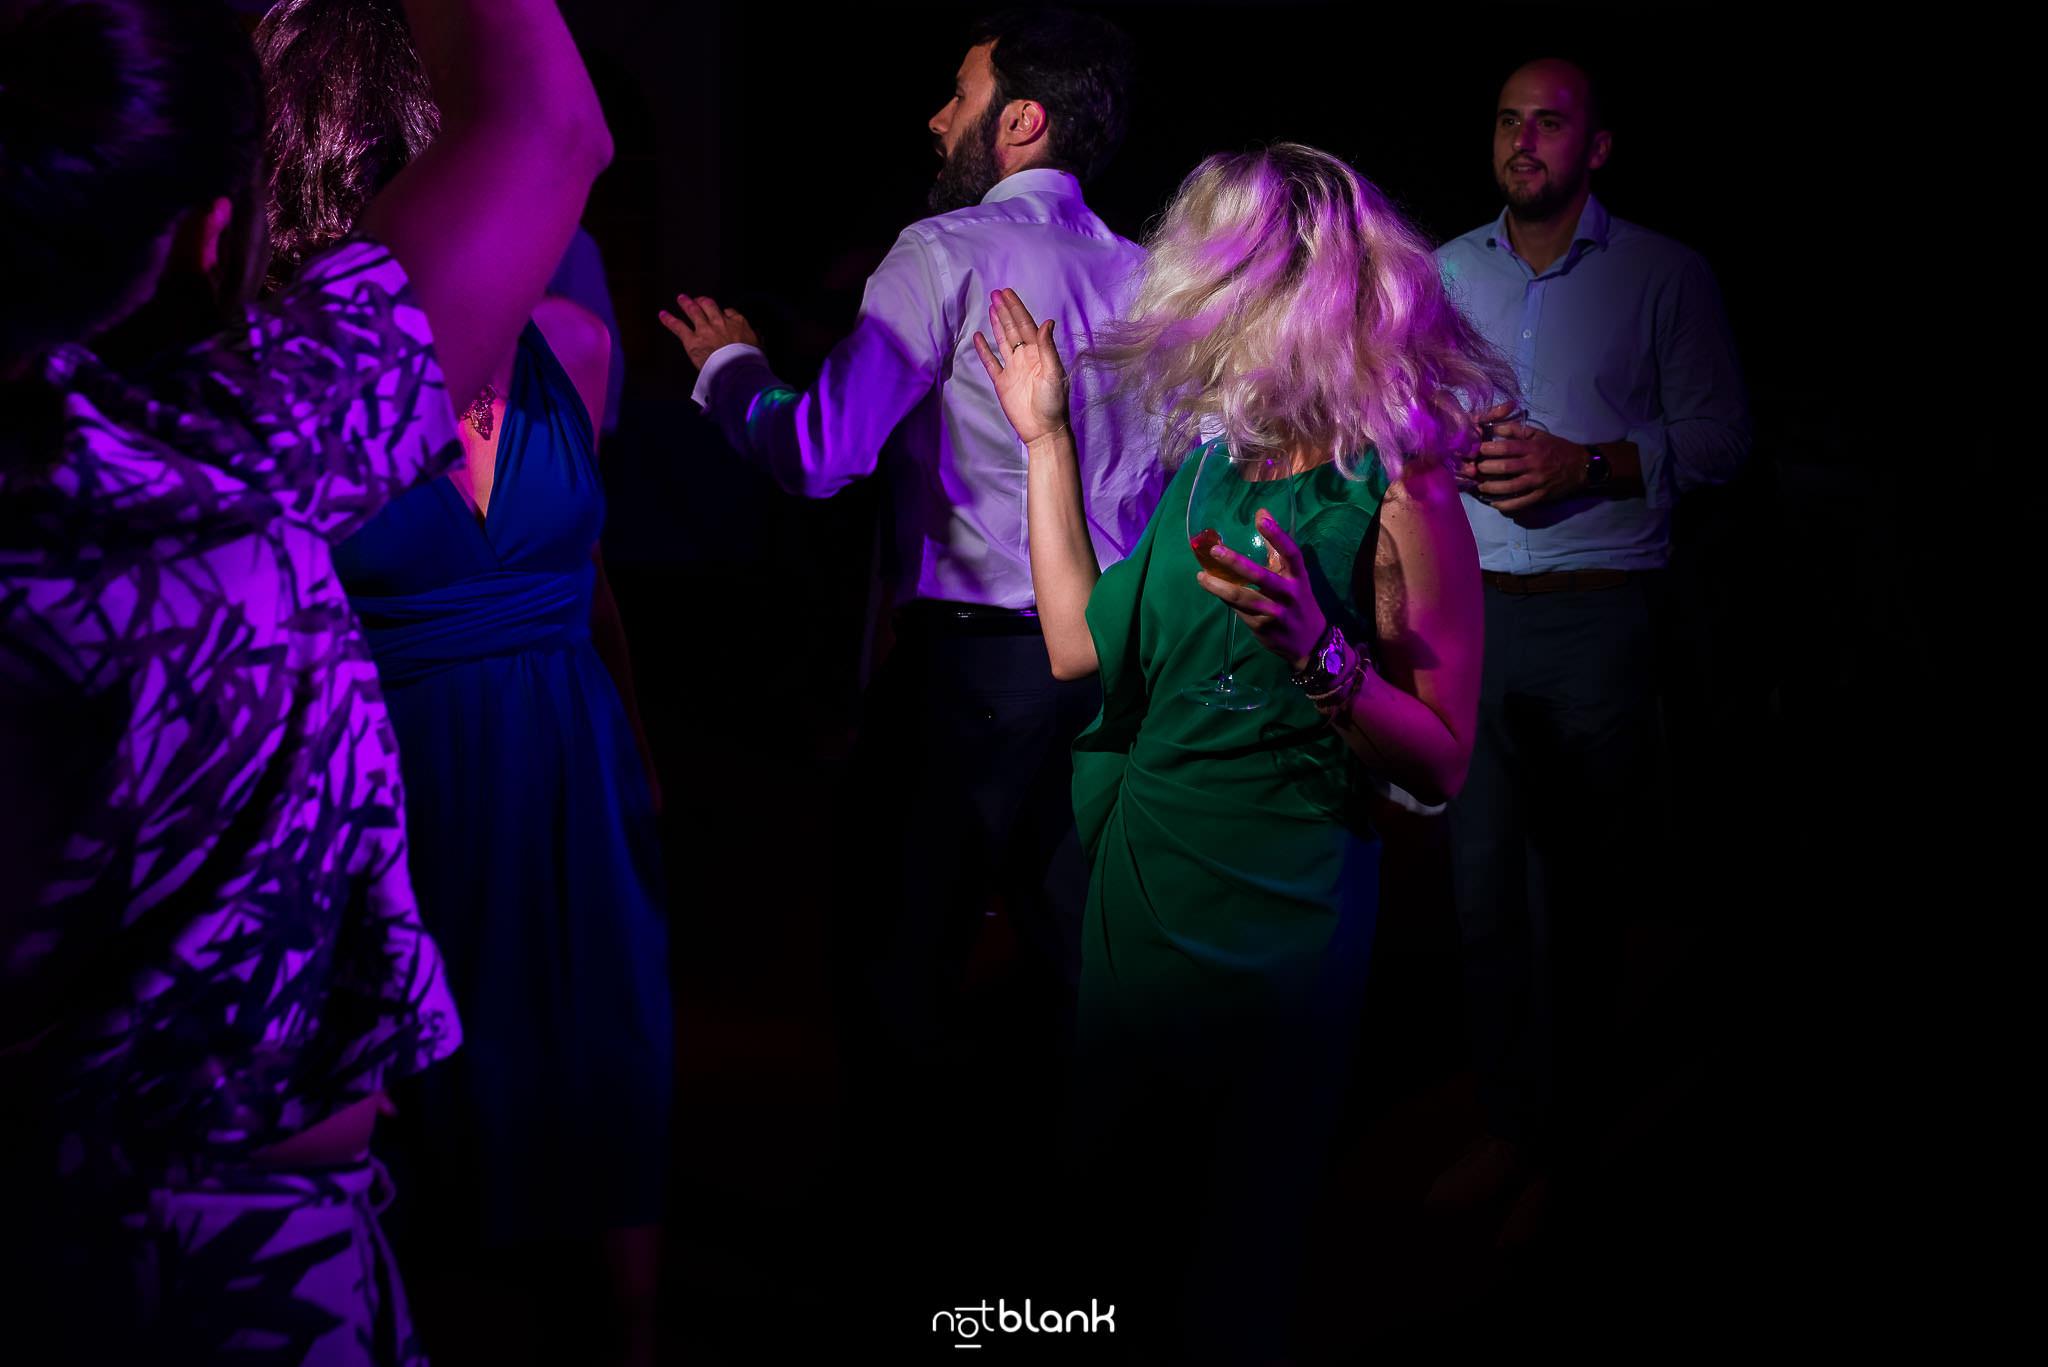 Boda En El Jardin De Casa Jana y Fran - Una invitada baila alocadamente durante la fiesta - Notblank Fotografos de boda